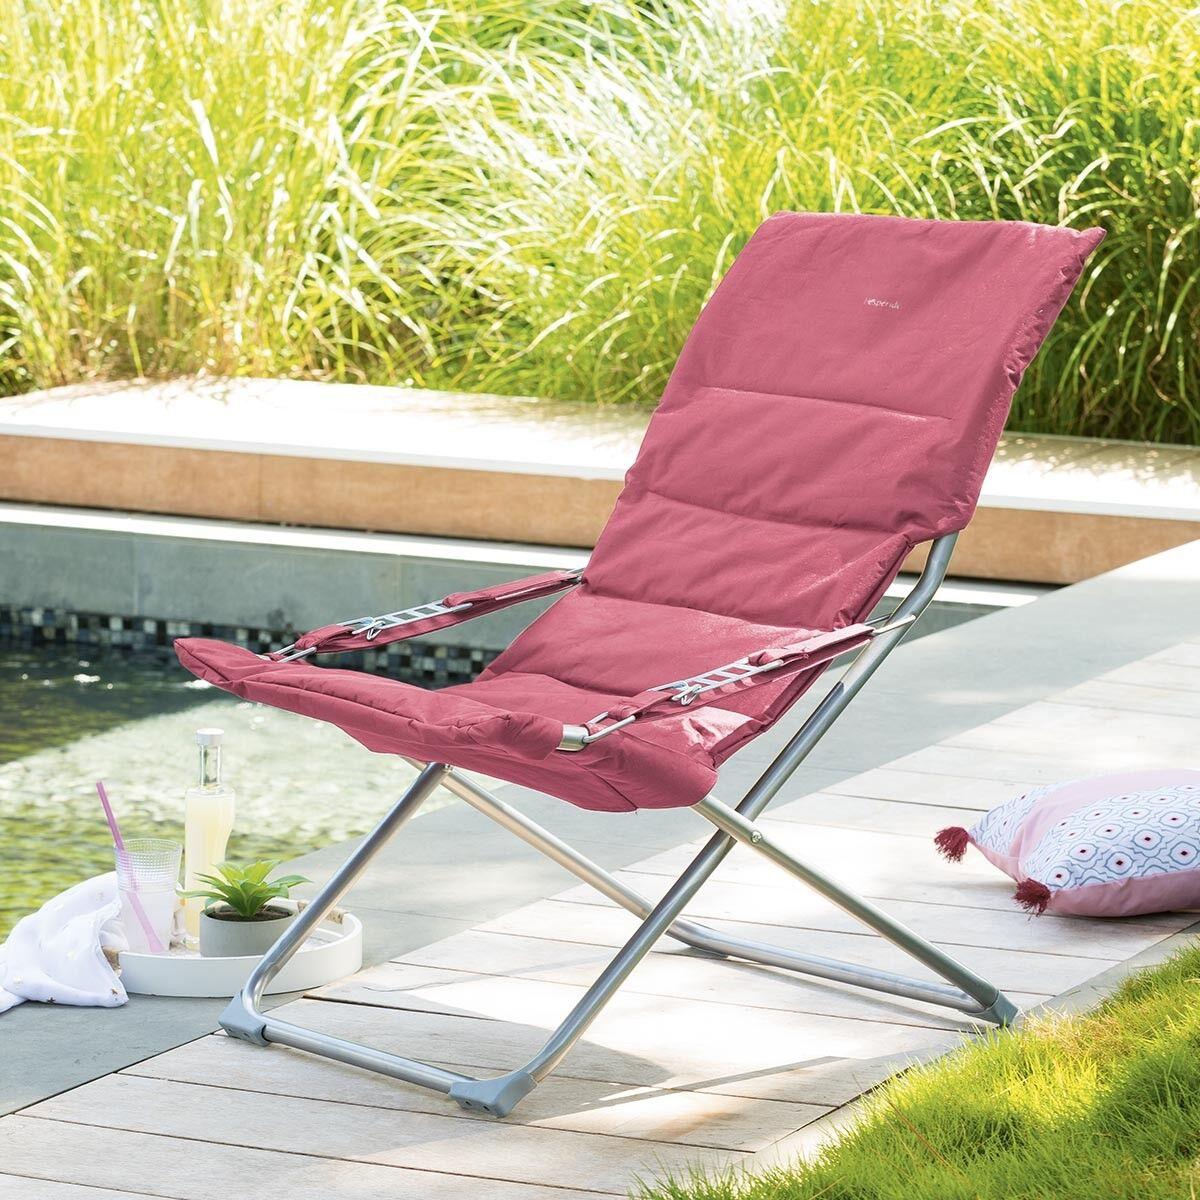 Hespéride Fauteuil relax de jardin Milos Ardoise Framboise 3 positions - Acier traité époxy, Polyester matelassé